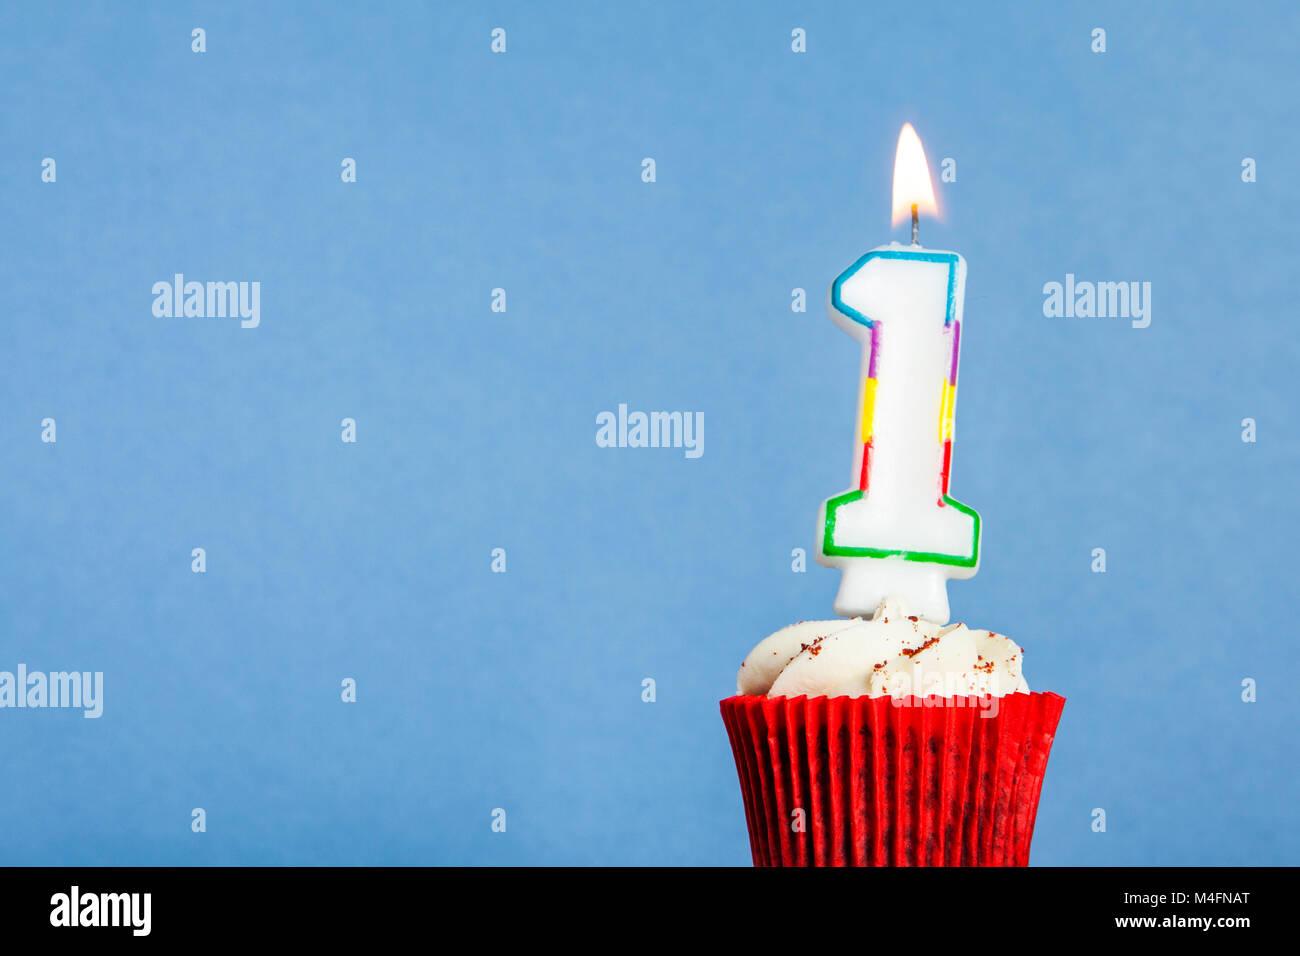 Nummer 1 Geburtstag Kerze In Eine Cupcake Vor Einem Blauen